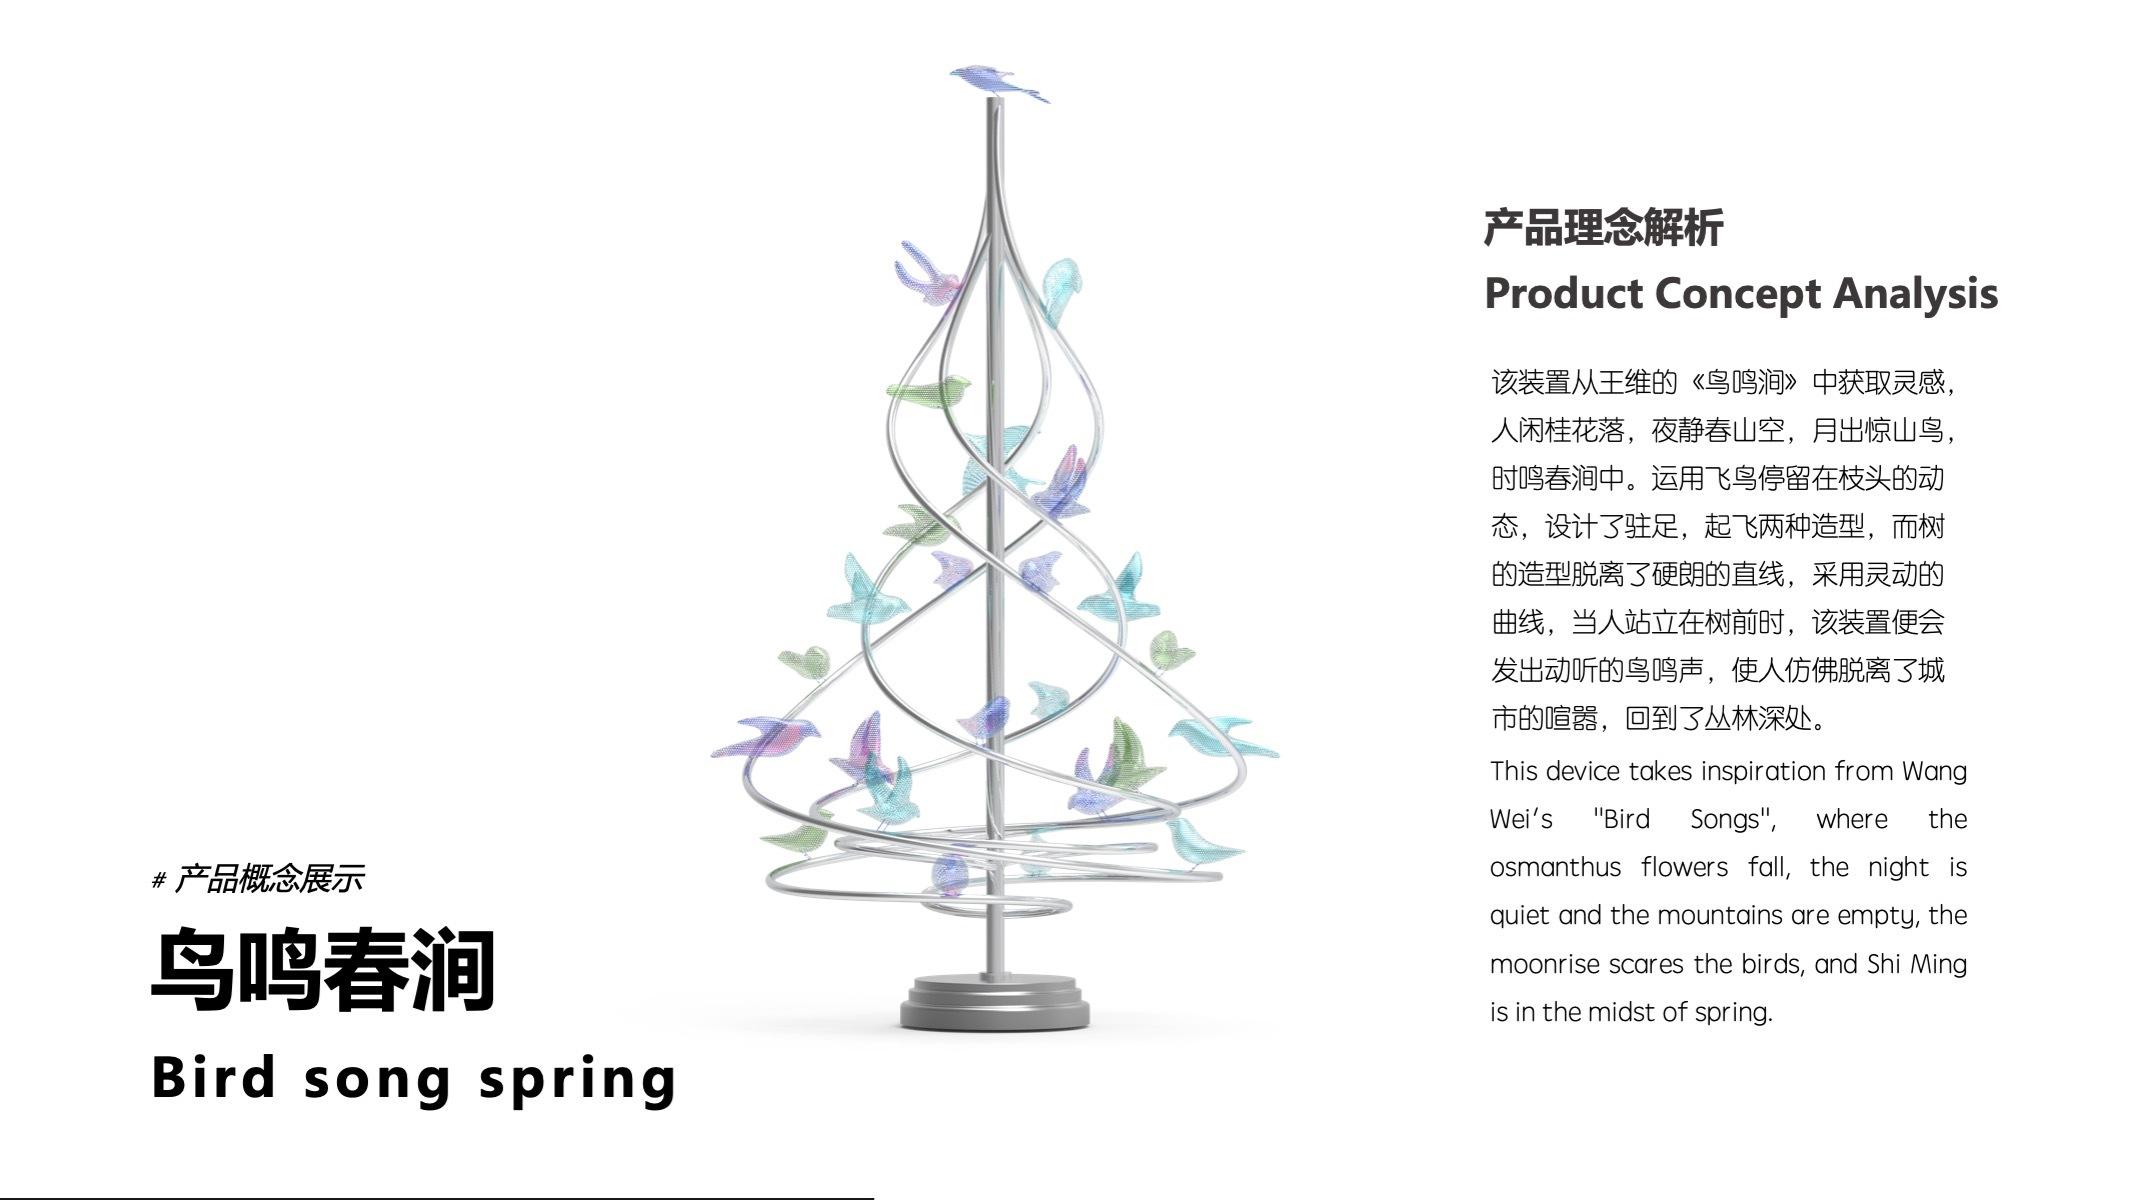 鸟鸣春涧Bird song spring—感映艺术出品